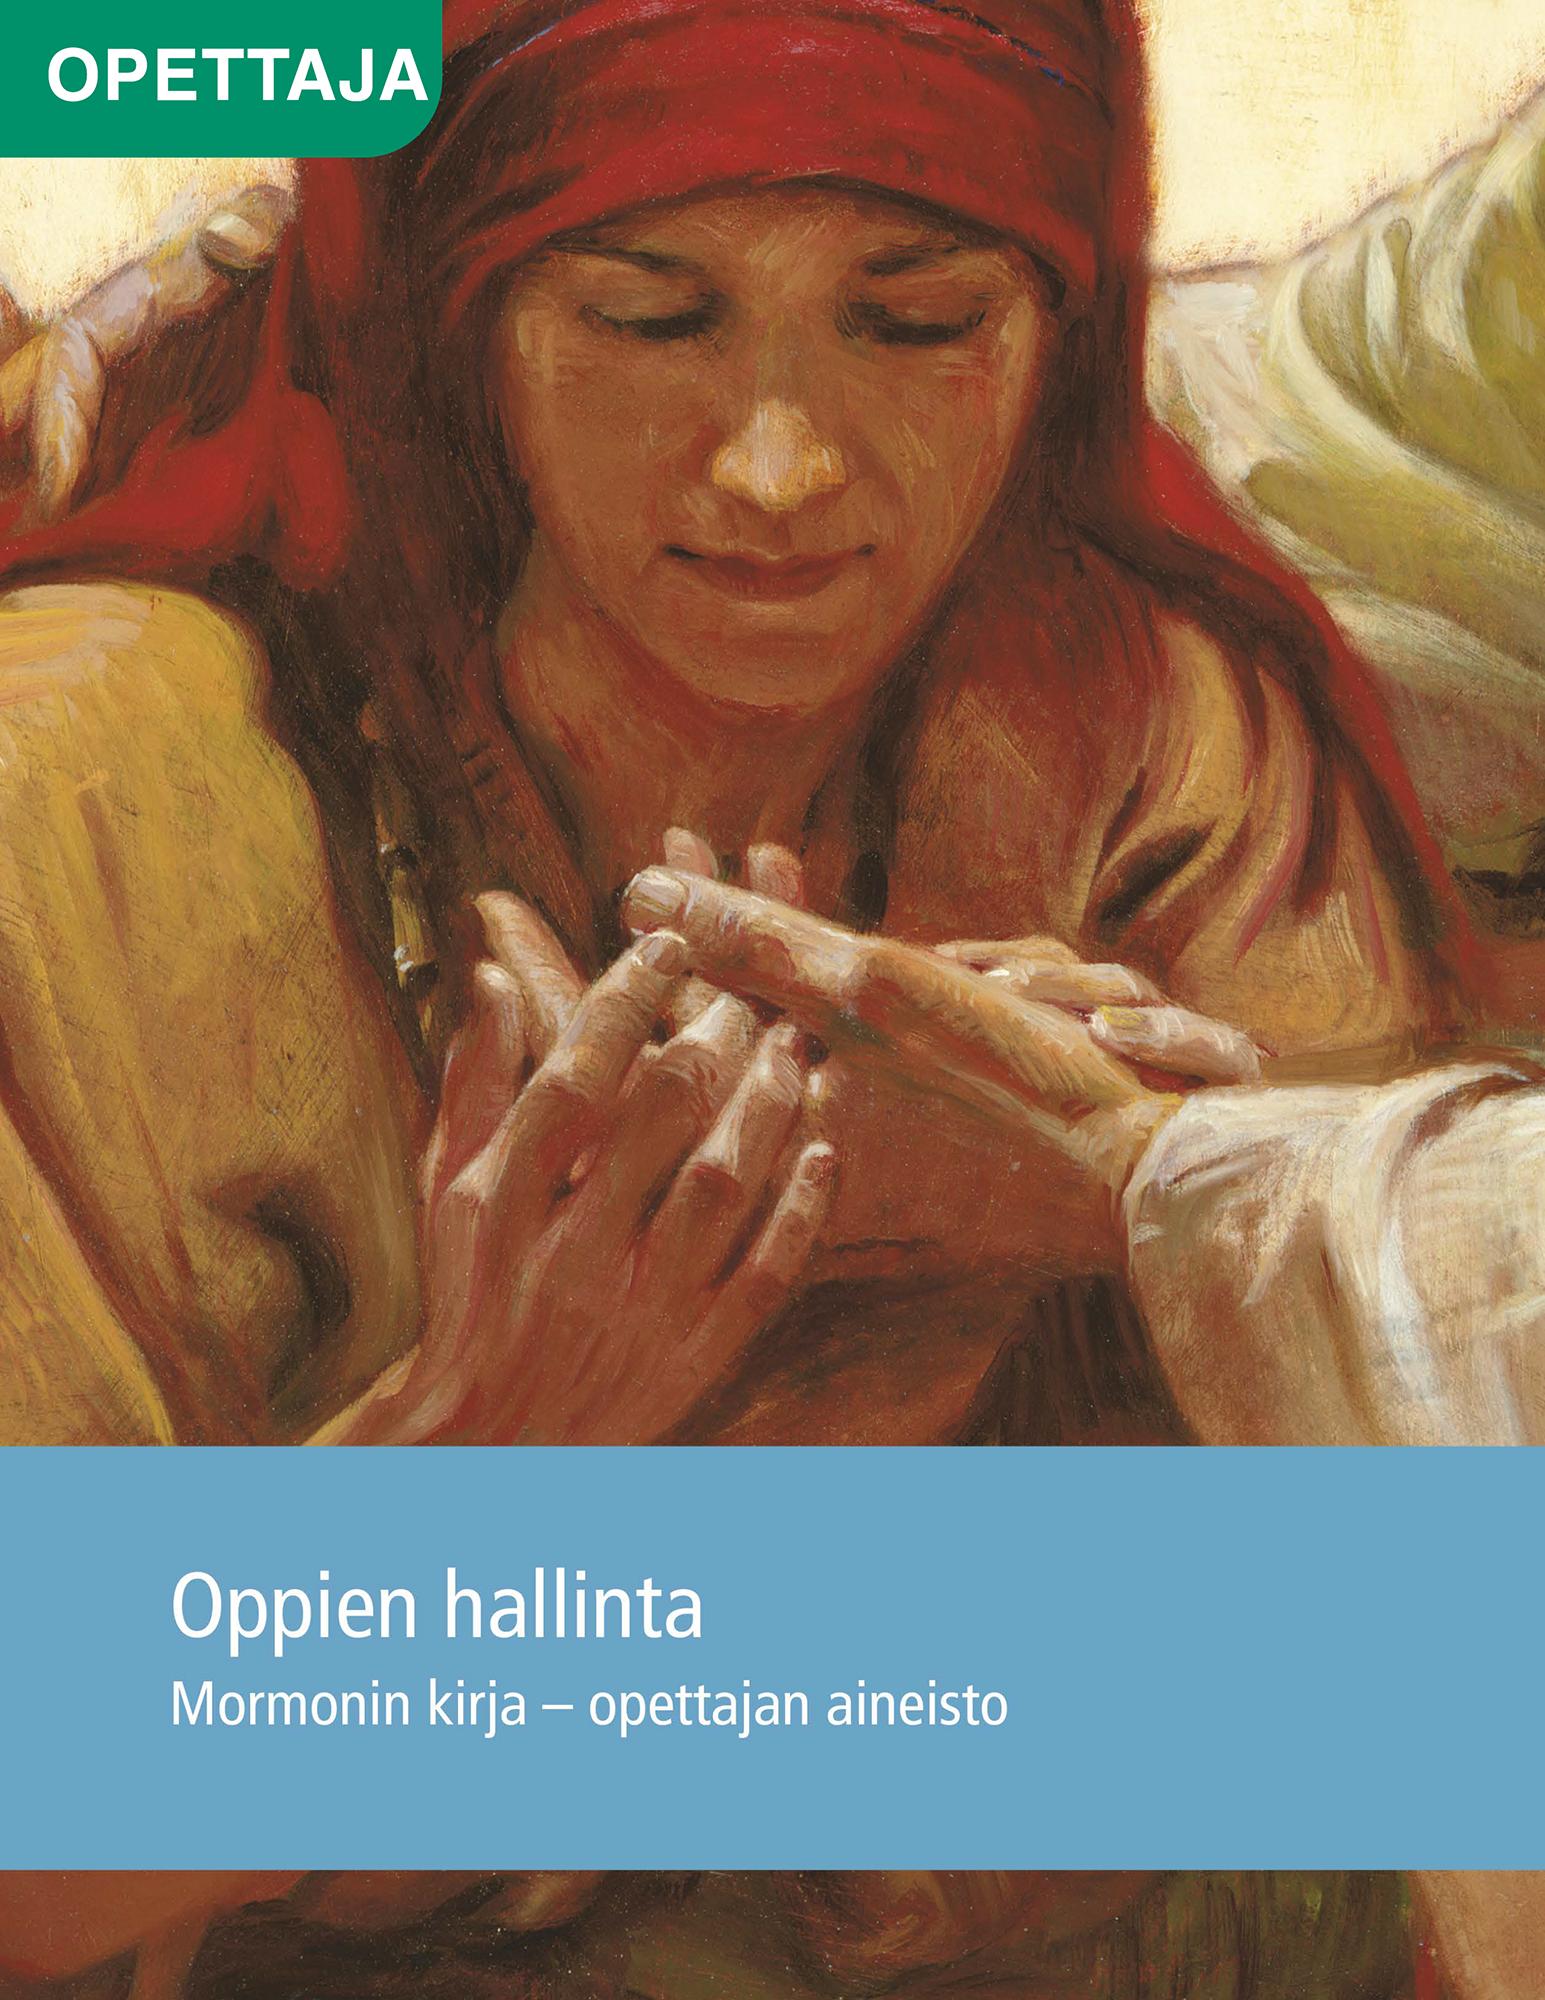 Oppien hallinta, Mormonin kirja – opettajan aineisto